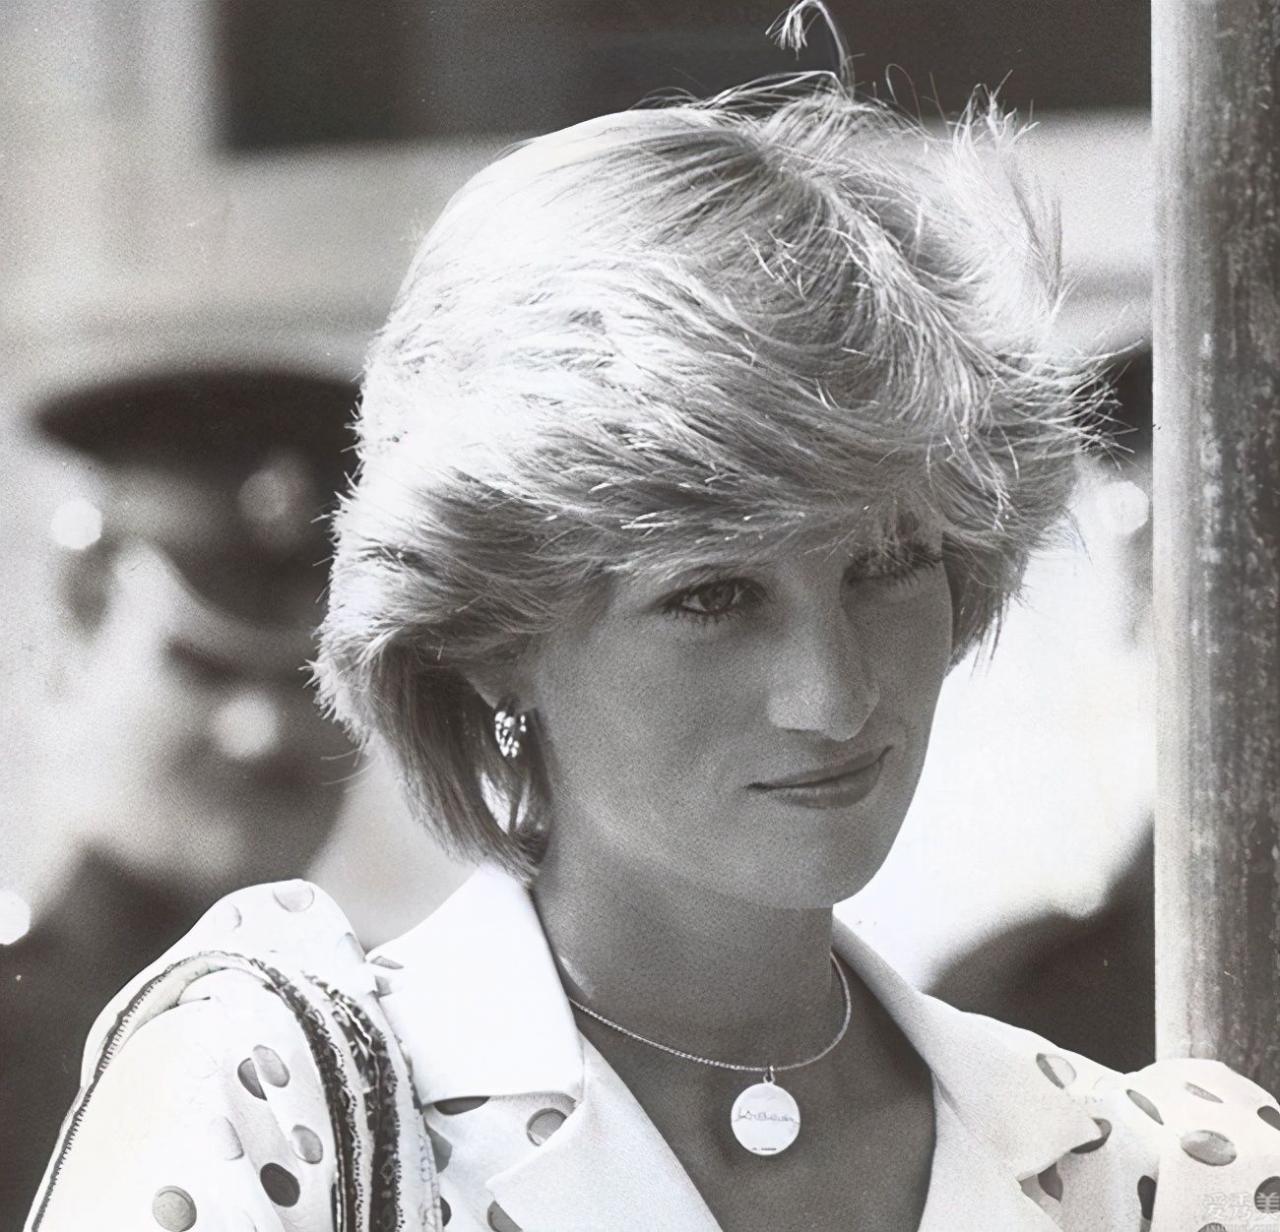 從戴安娜王妃到梅根,他們的人性化珠寶首飾個人收藏,身後都是有不同尋常的實際意義